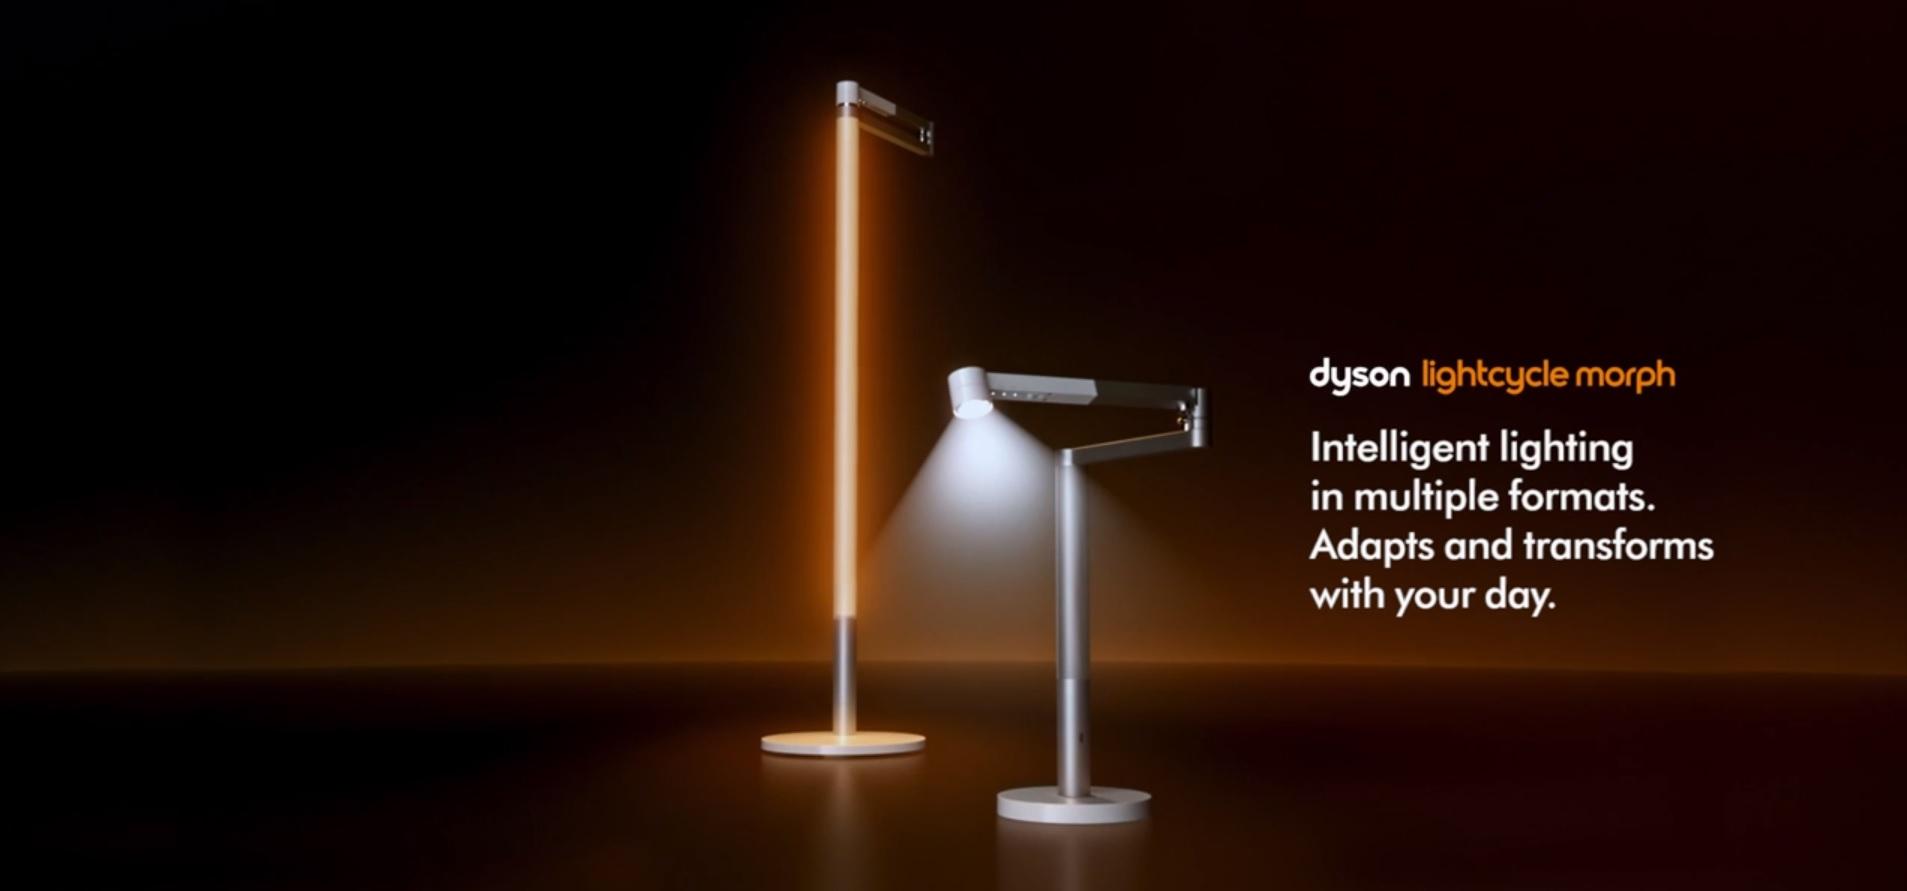 Co potrafi lampka za 650 dolarów? Jak udowadnia Dyson, zaskakująco wiele 22